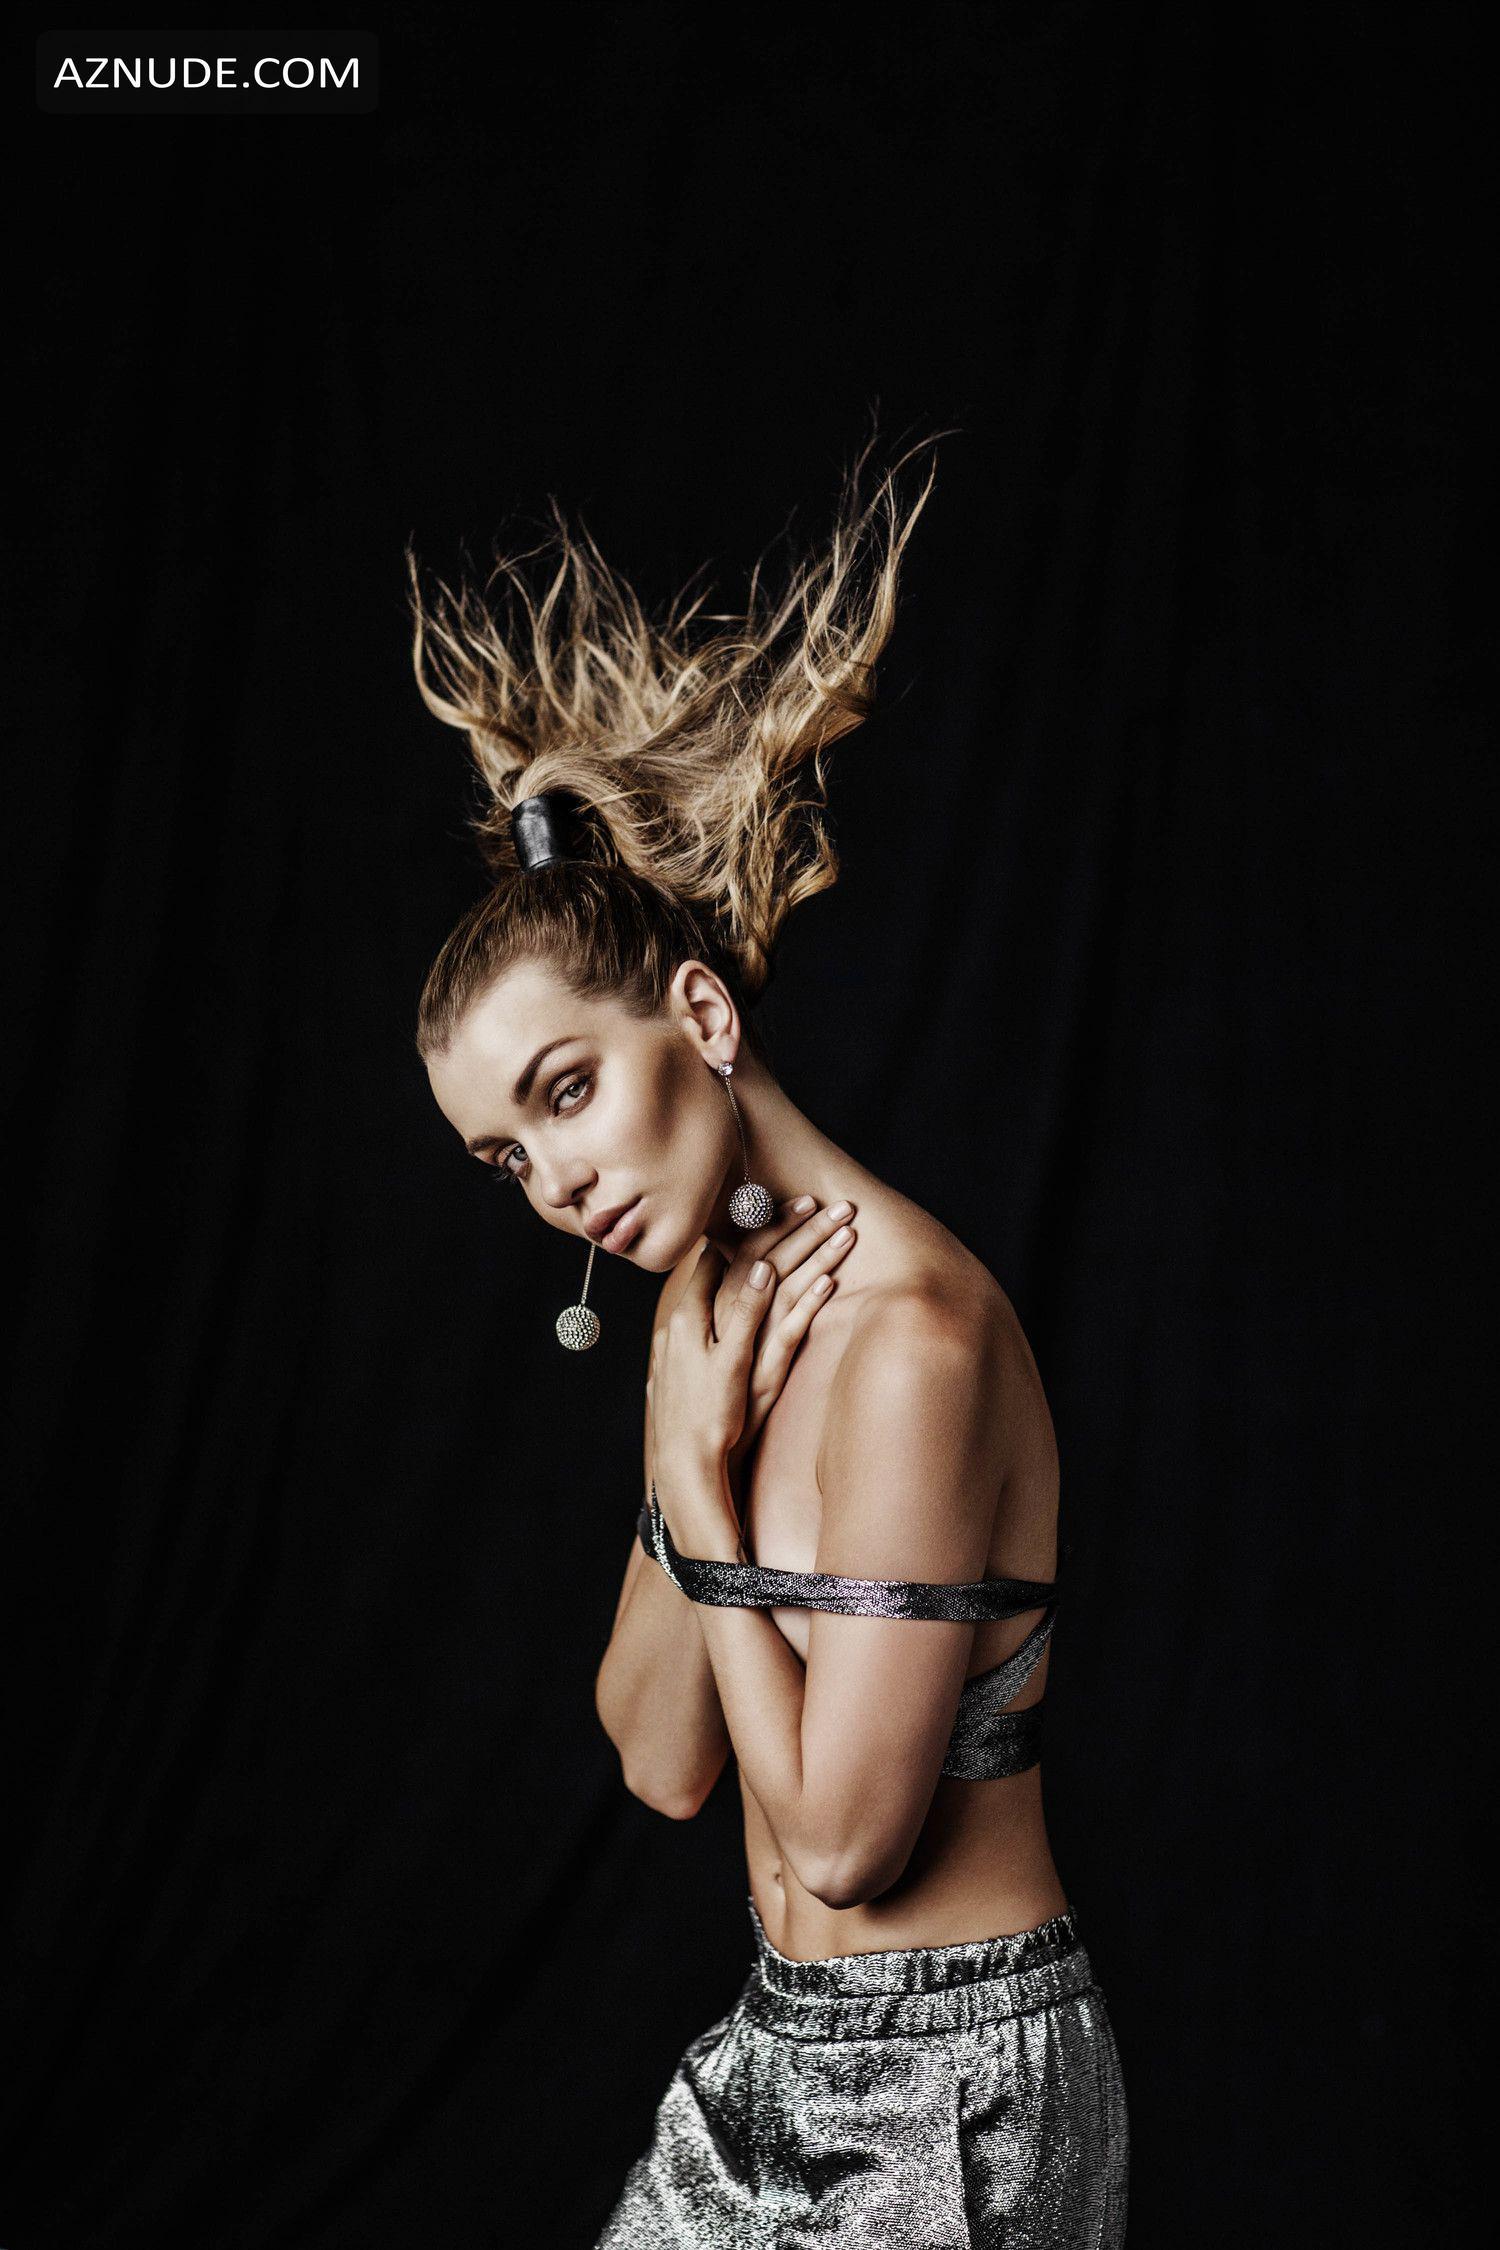 naked (59 photo), Paparazzi Celebrites pic